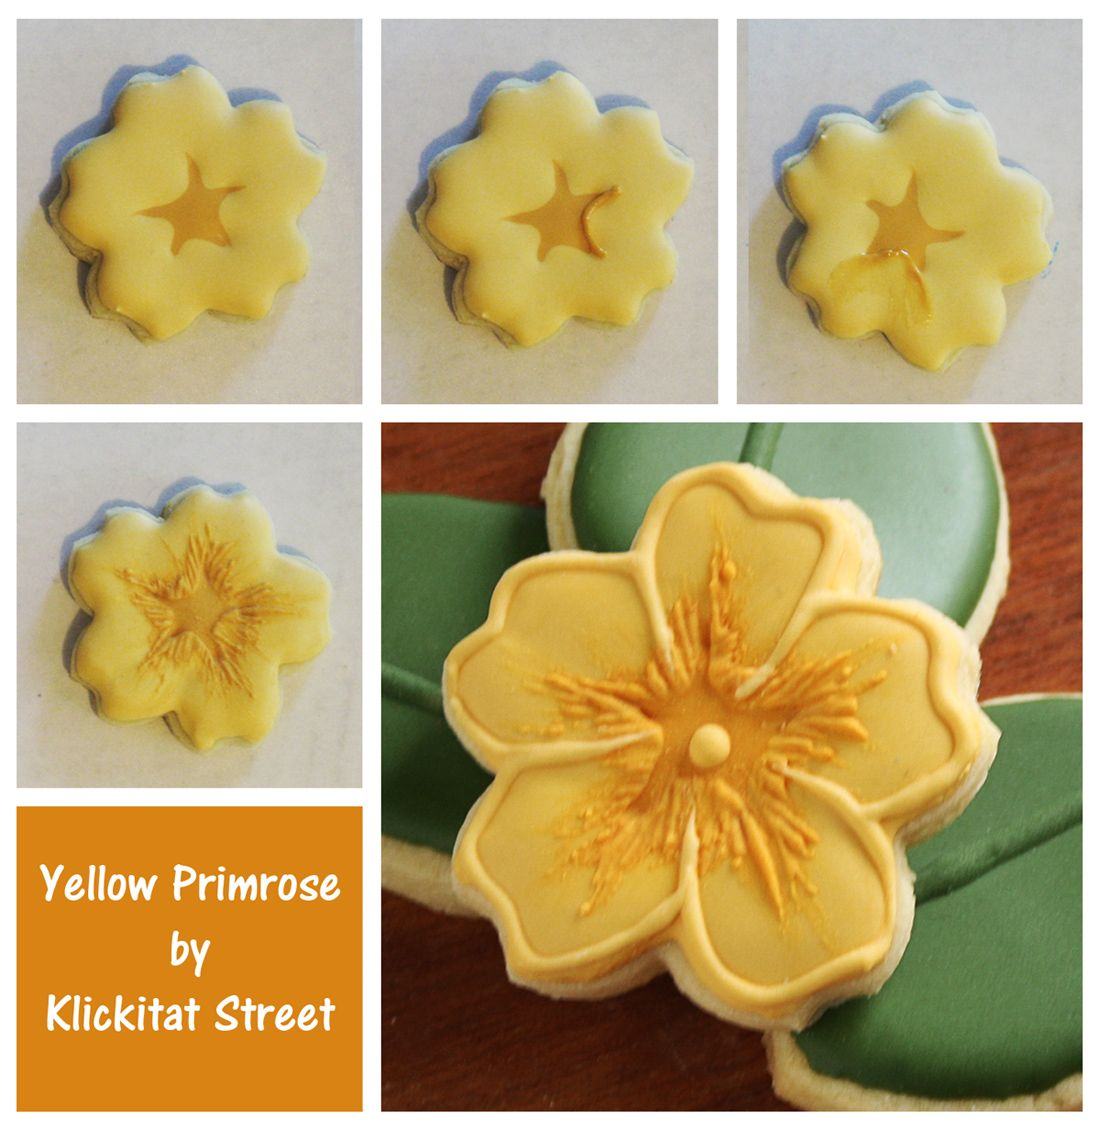 Yellow Primrose Flower Sugar Cookies Cookies Flowers Pinterest